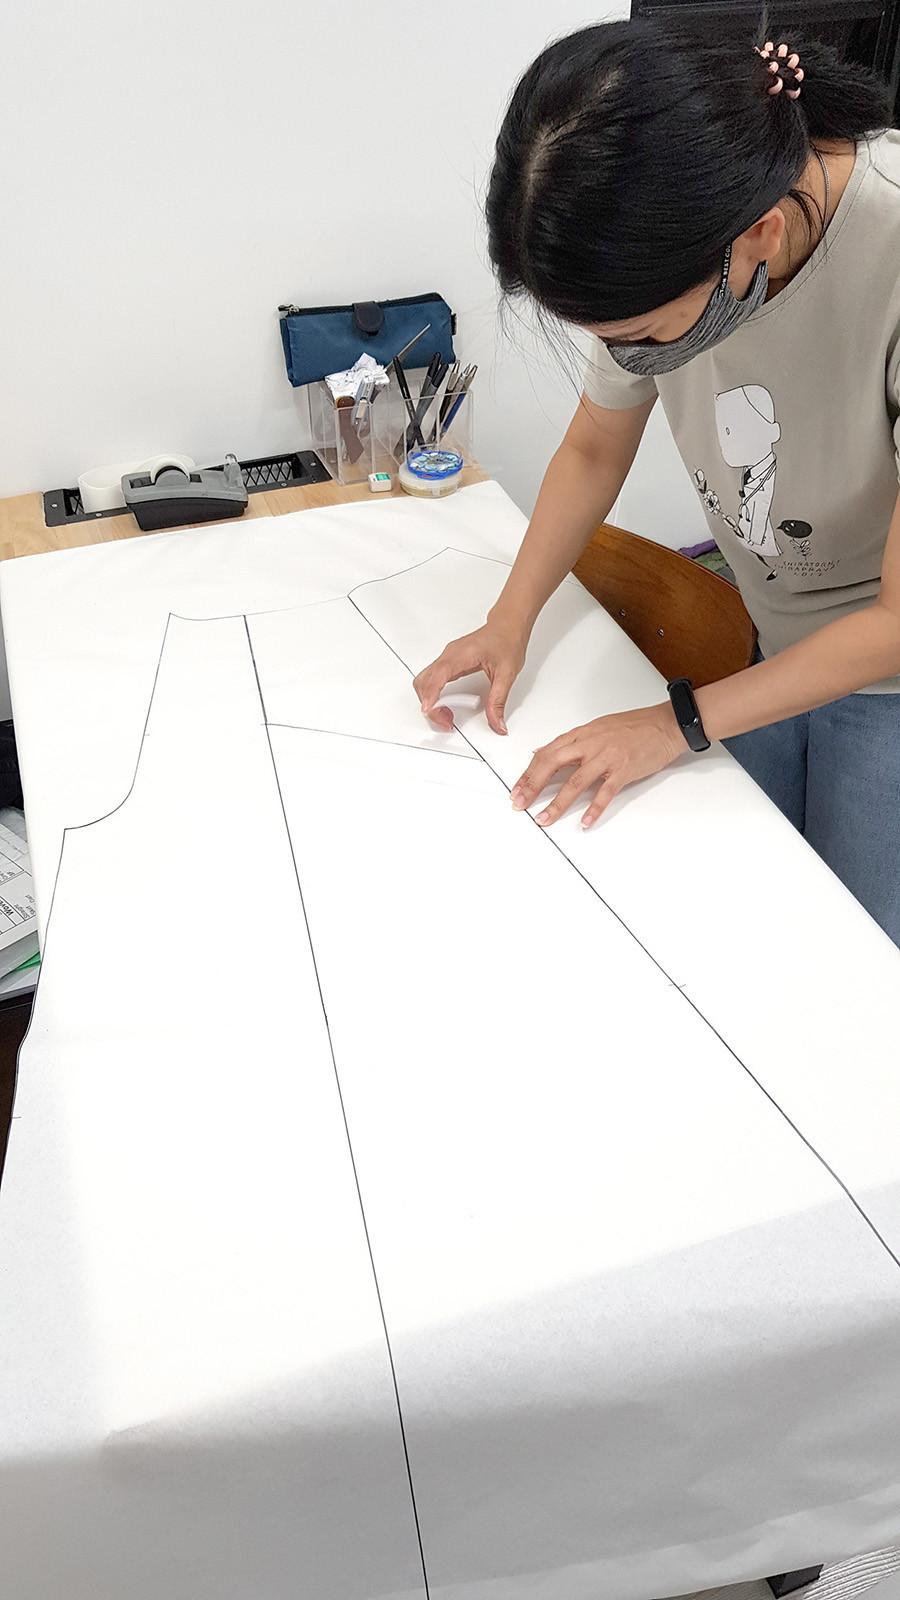 ผลงานการออกแบบสร้างแพทเทิร์นผู้เรียน ชุดจั้มพ์สูทขาบานปกซาฟารีลึก โครงสร้างแขนกิโมโน